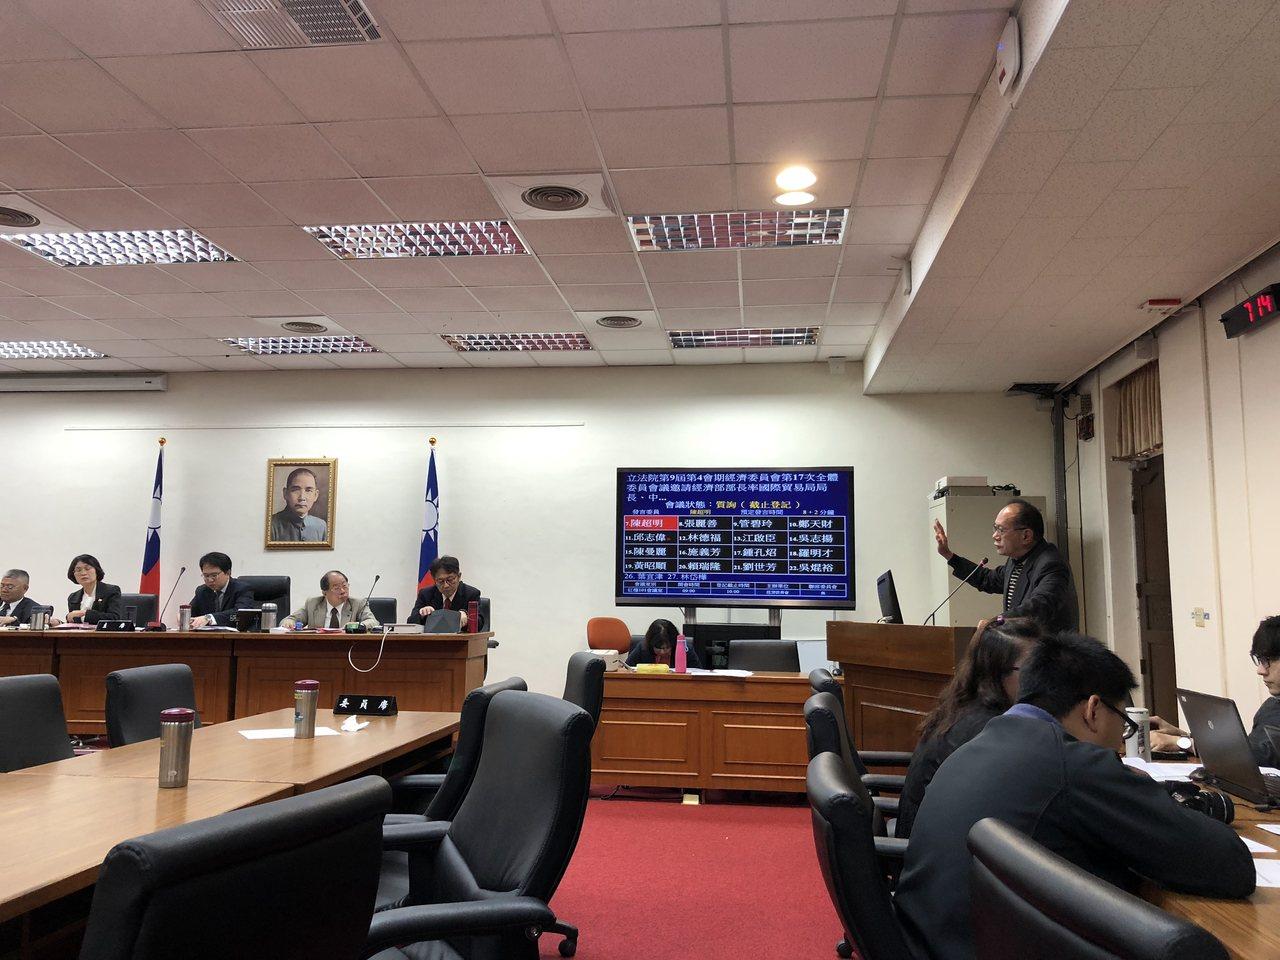 今天經濟部到立法院報告新南向成果與加入CPTPP的戰略規劃,立委也關心ODA問題...